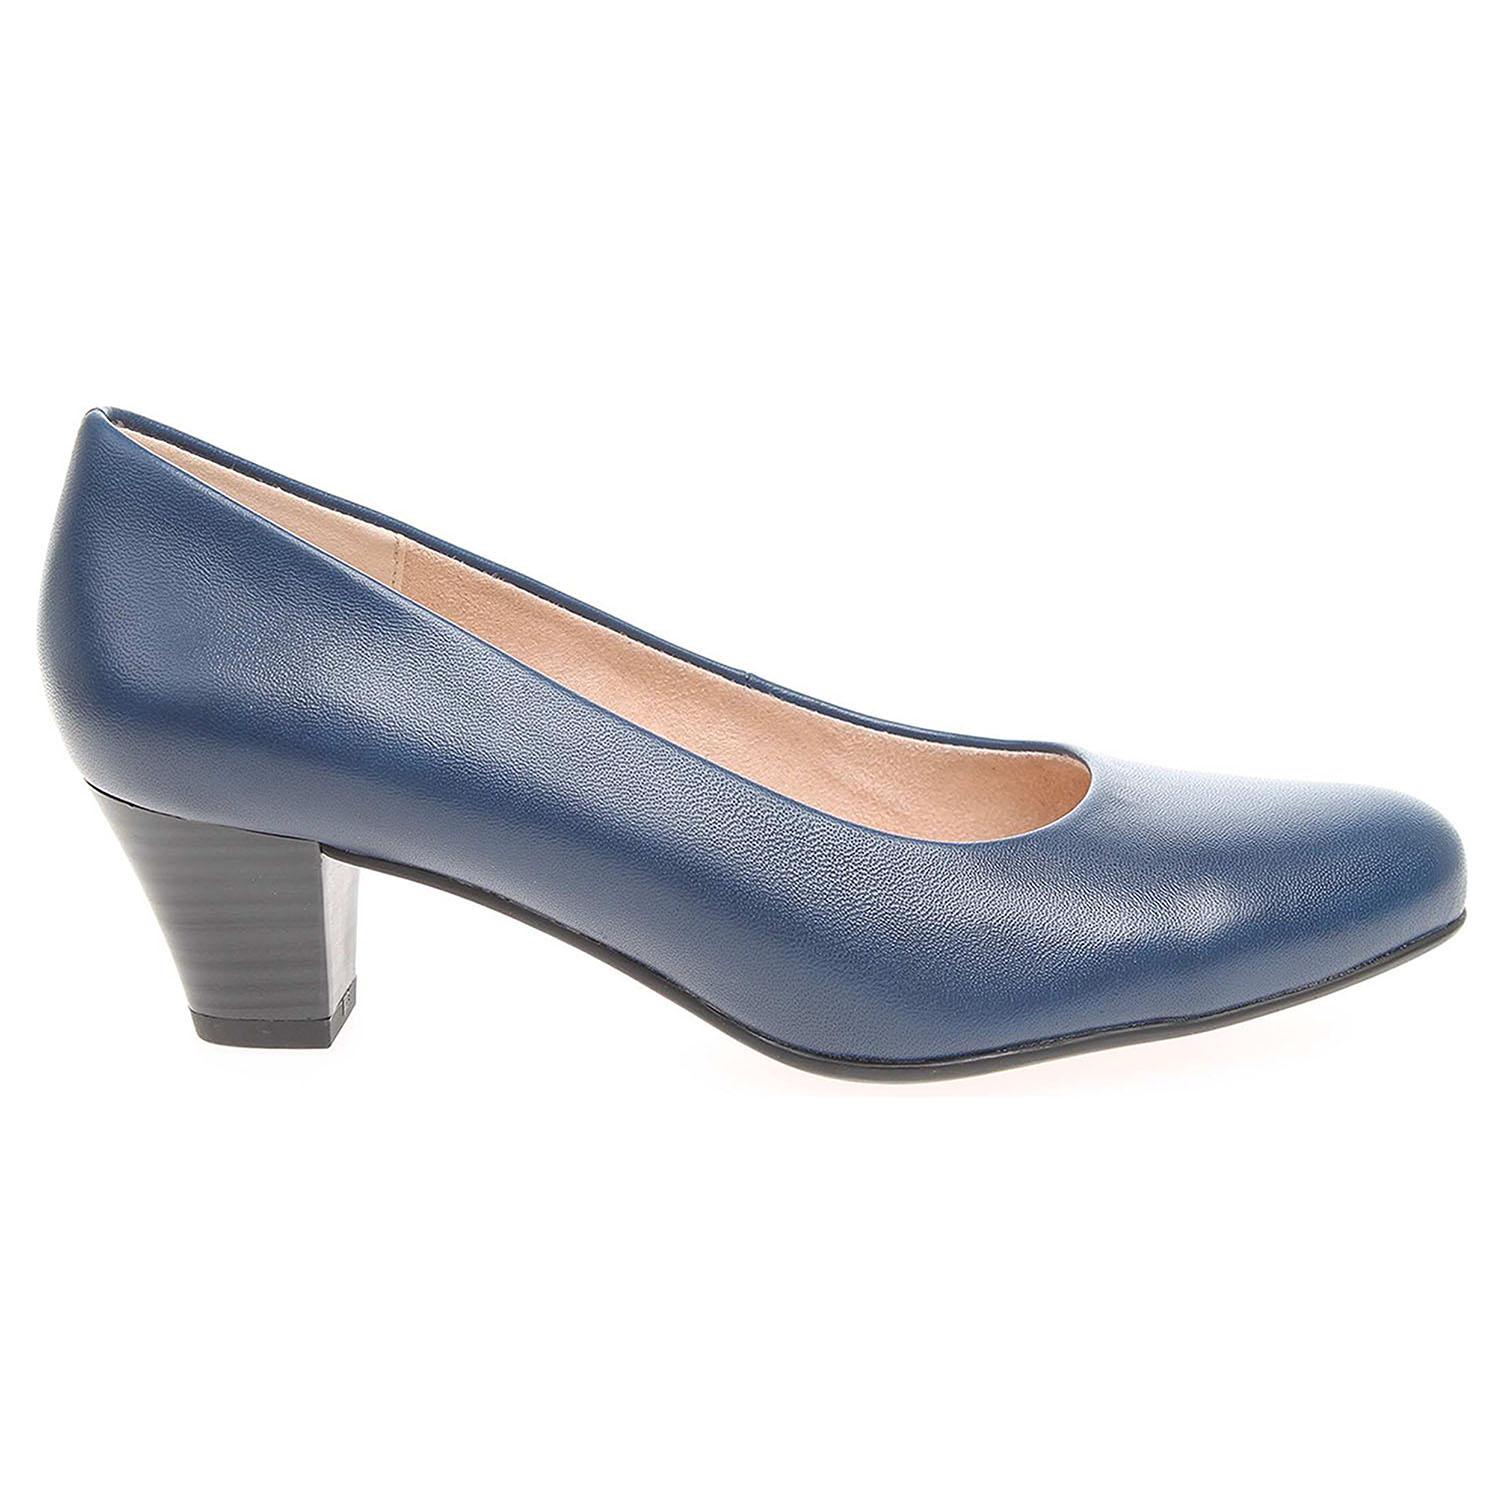 Ecco Caprice dámské lodičky 9-22306-28 modré 22901233